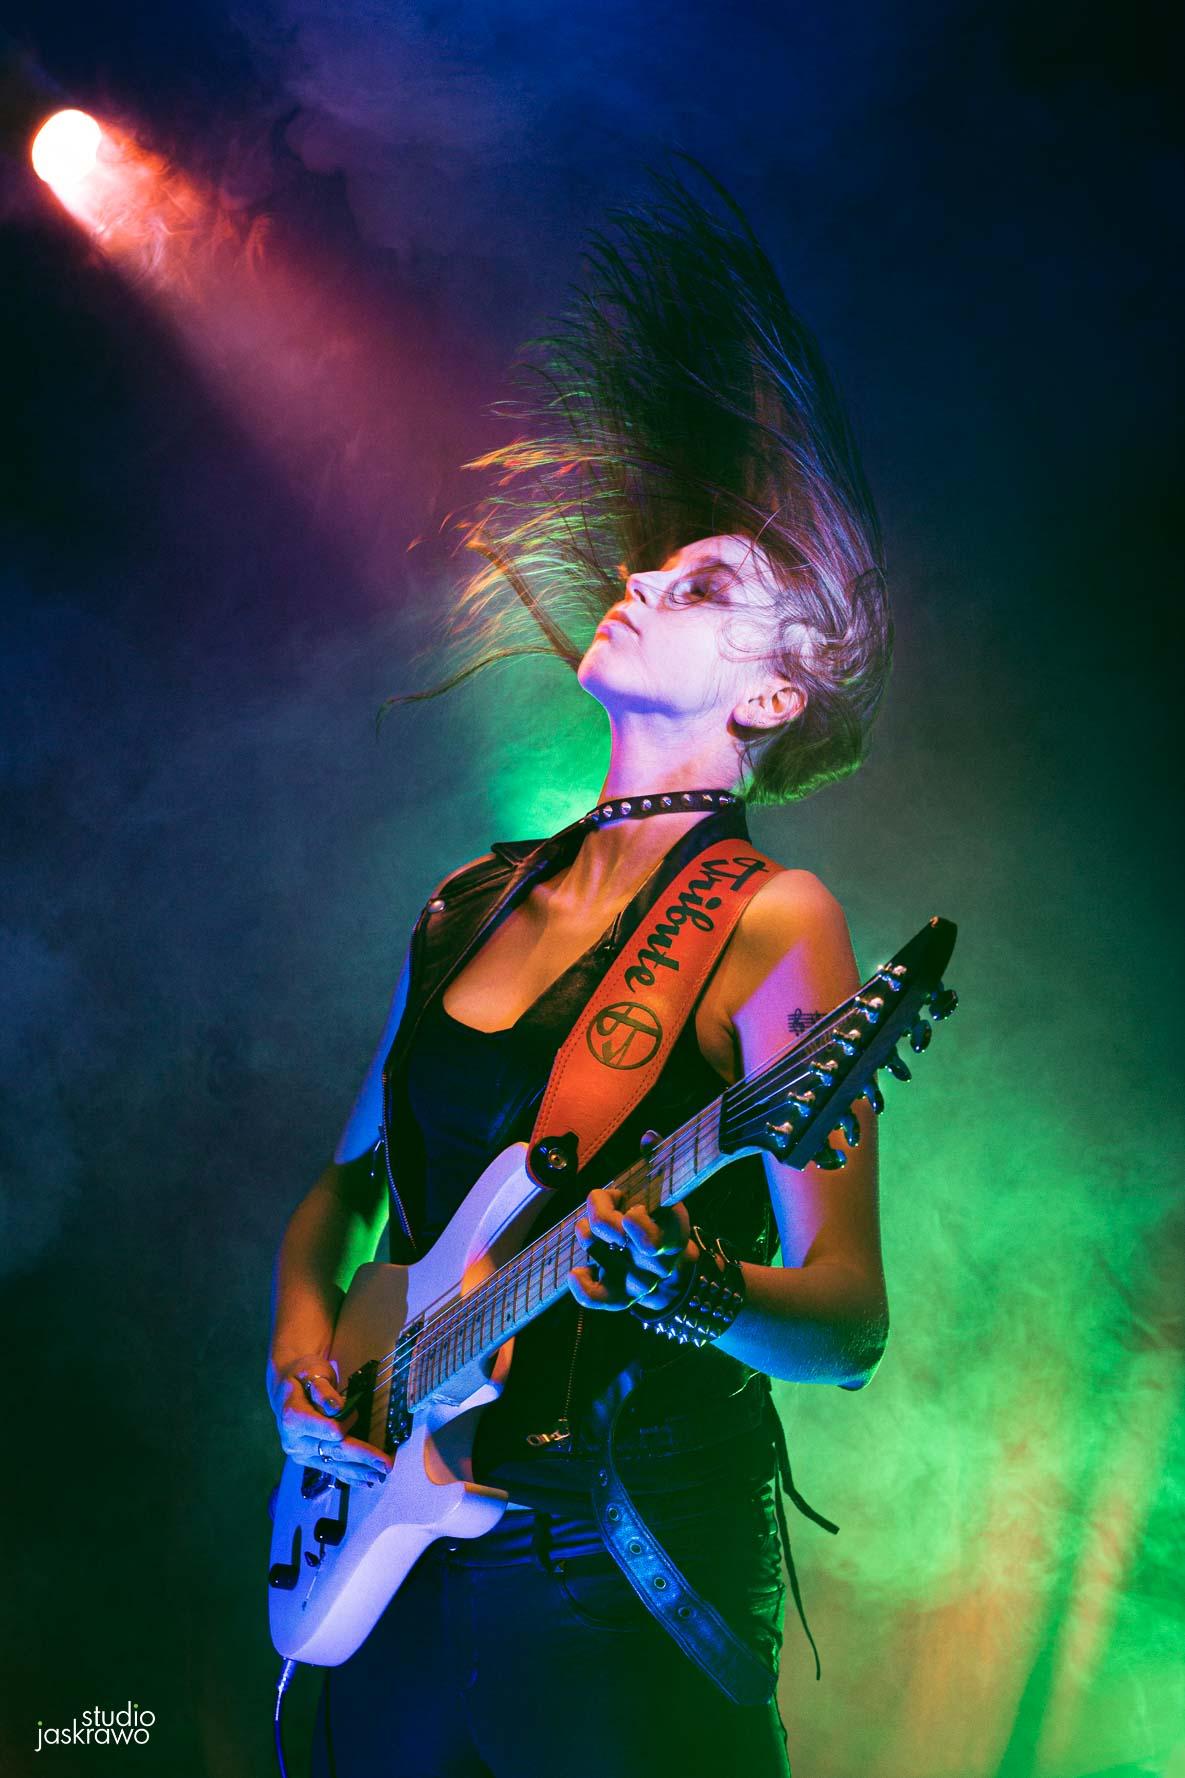 dziewczyna z gitarą na scenie muzycznej podczas koncertu rockowego